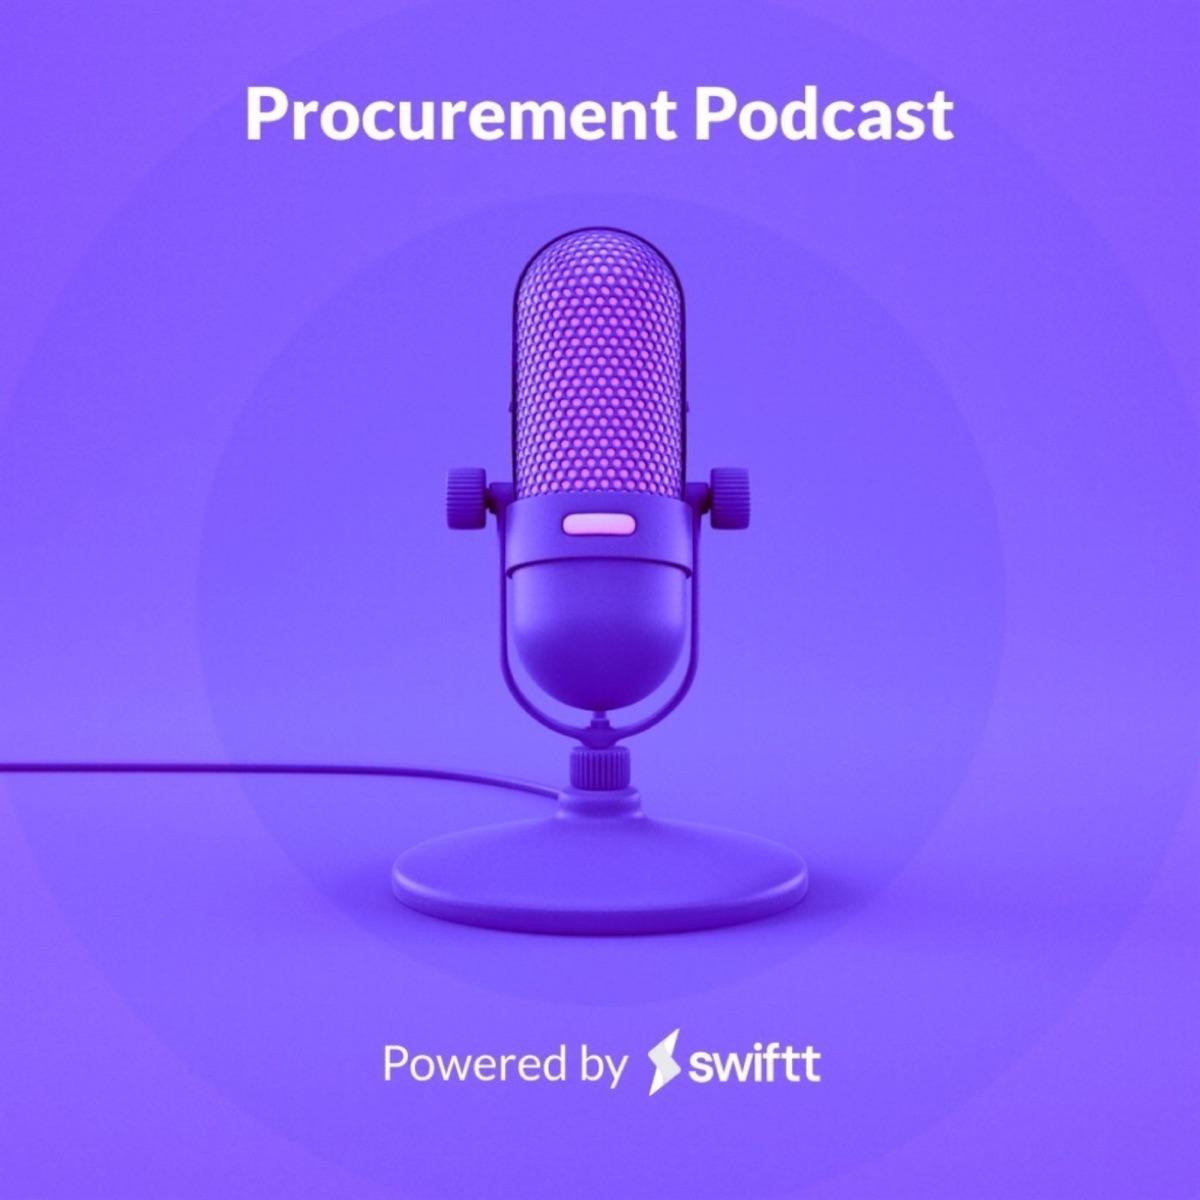 Procurement Podcast